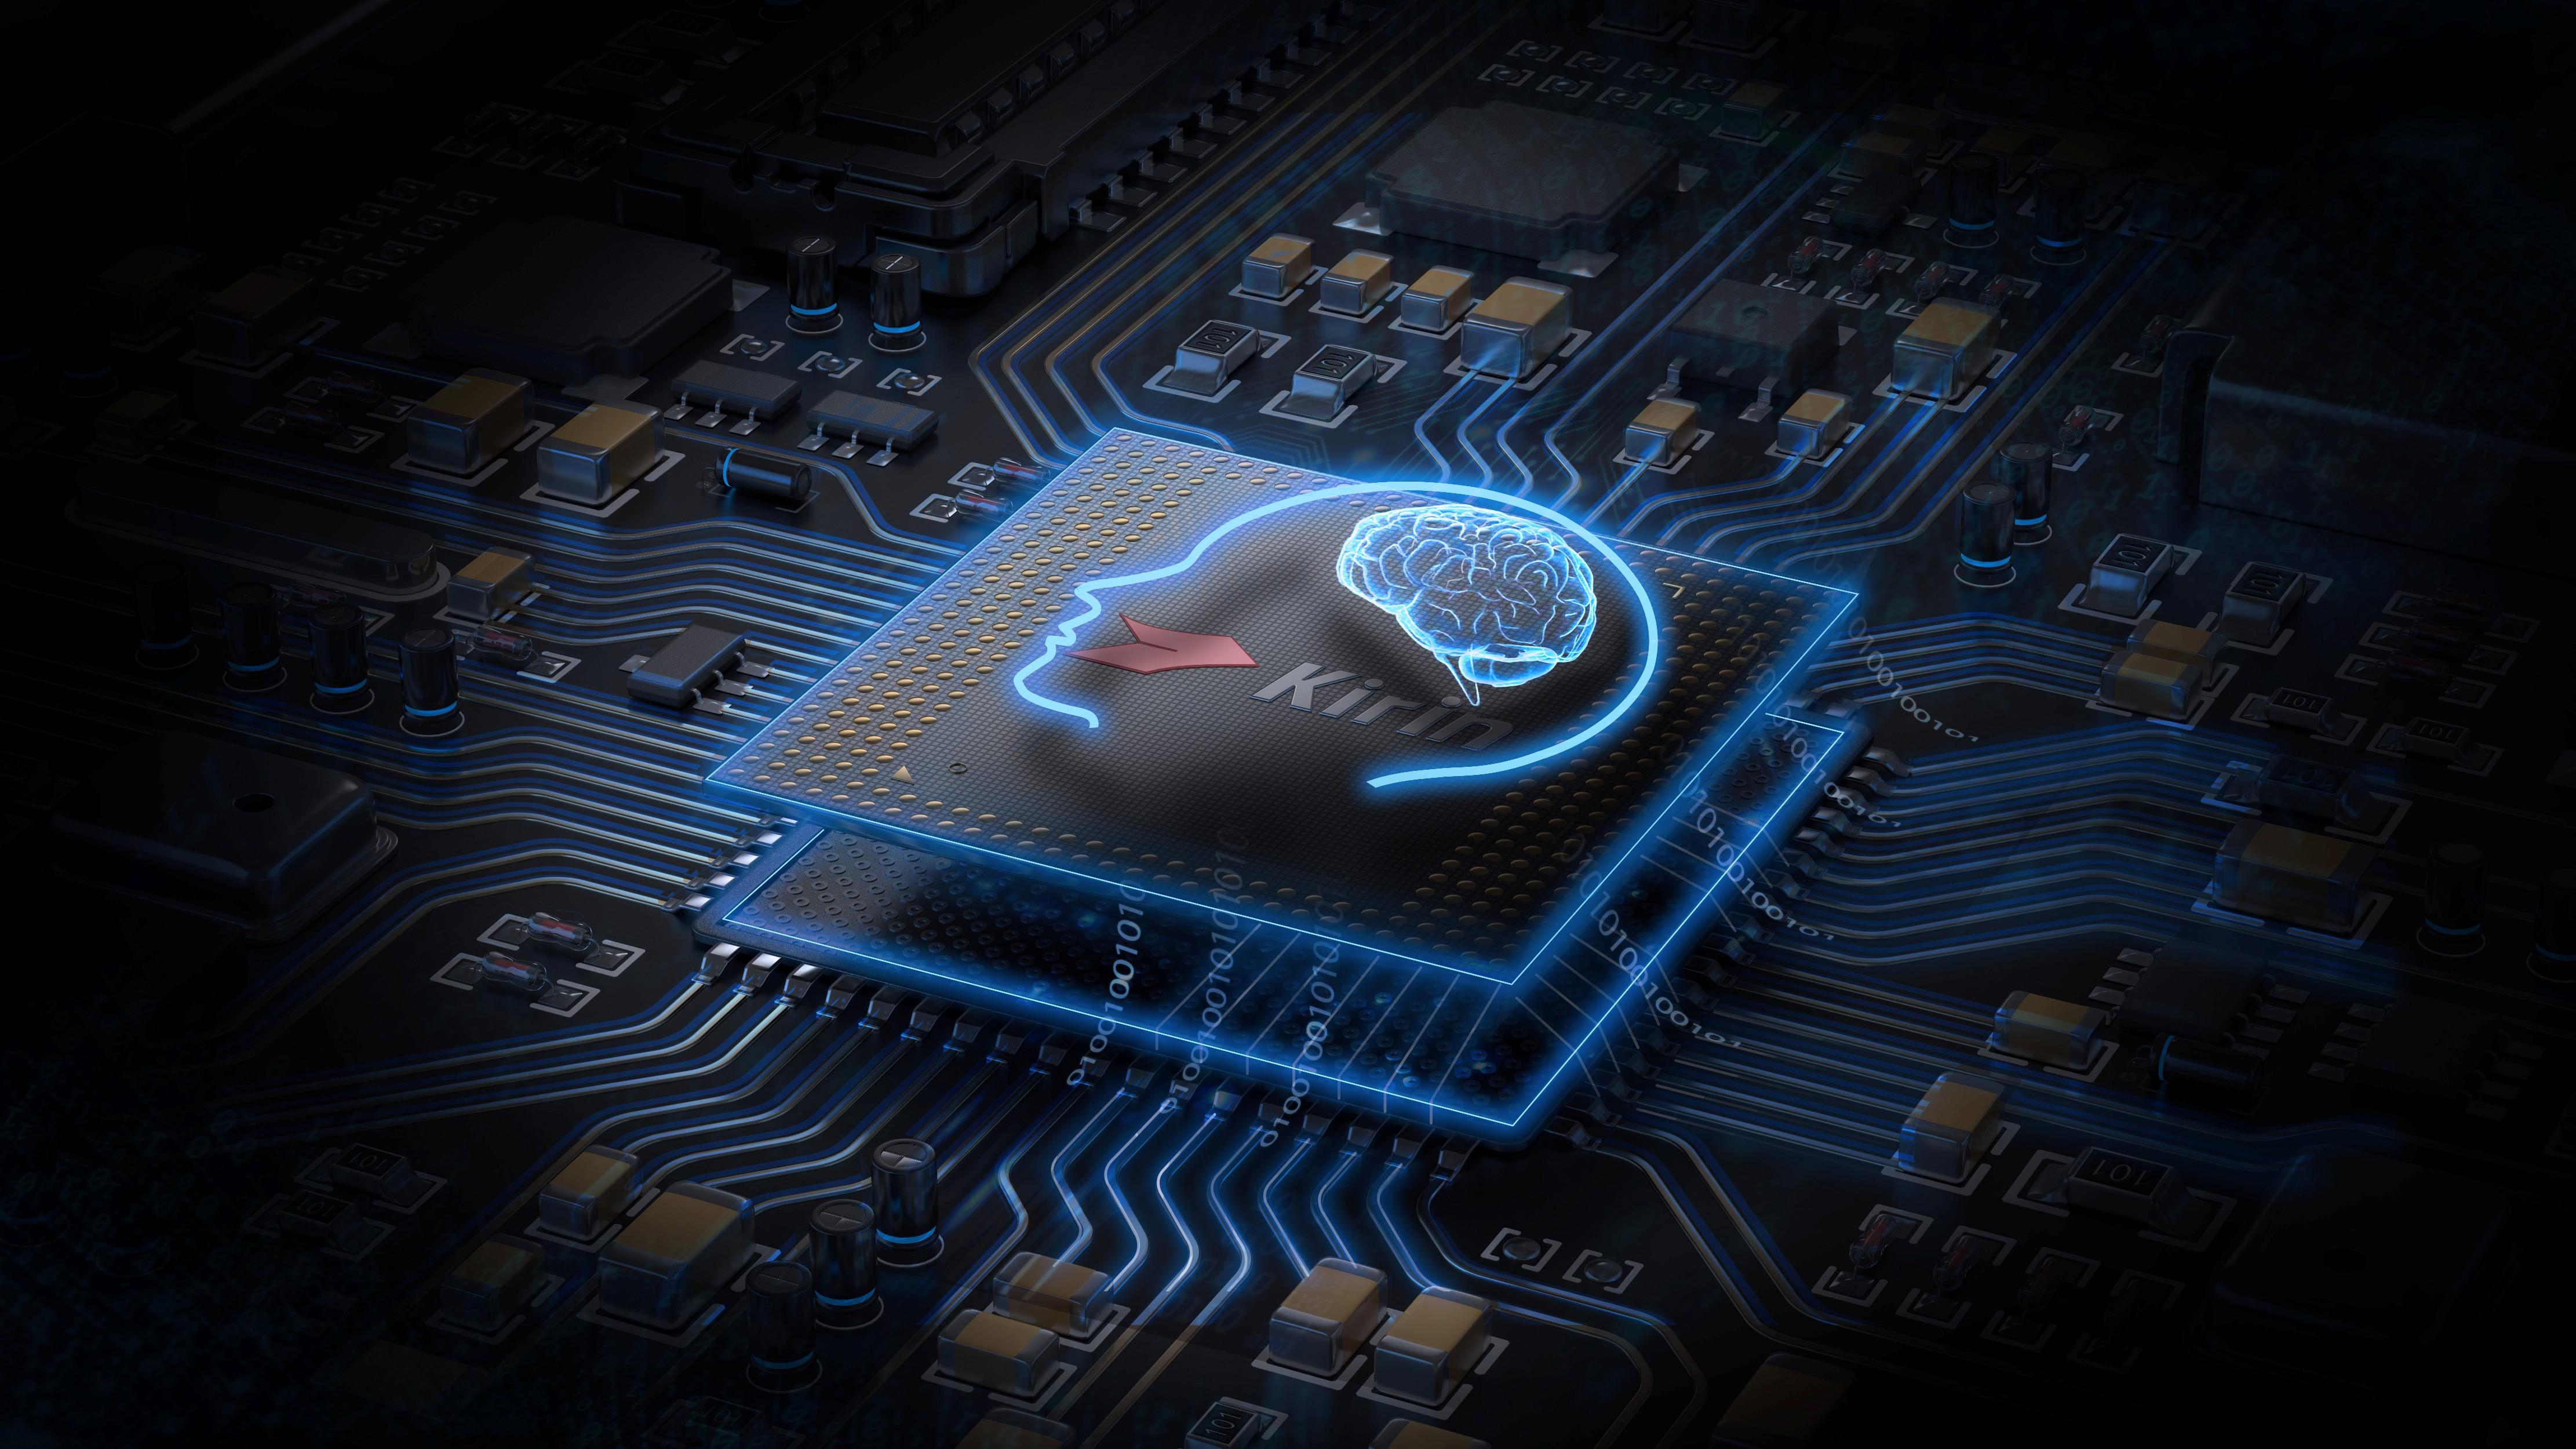 معالج كيرين المدعوم بإمكانات الذكاء الاصطناعي الأول من نوعه